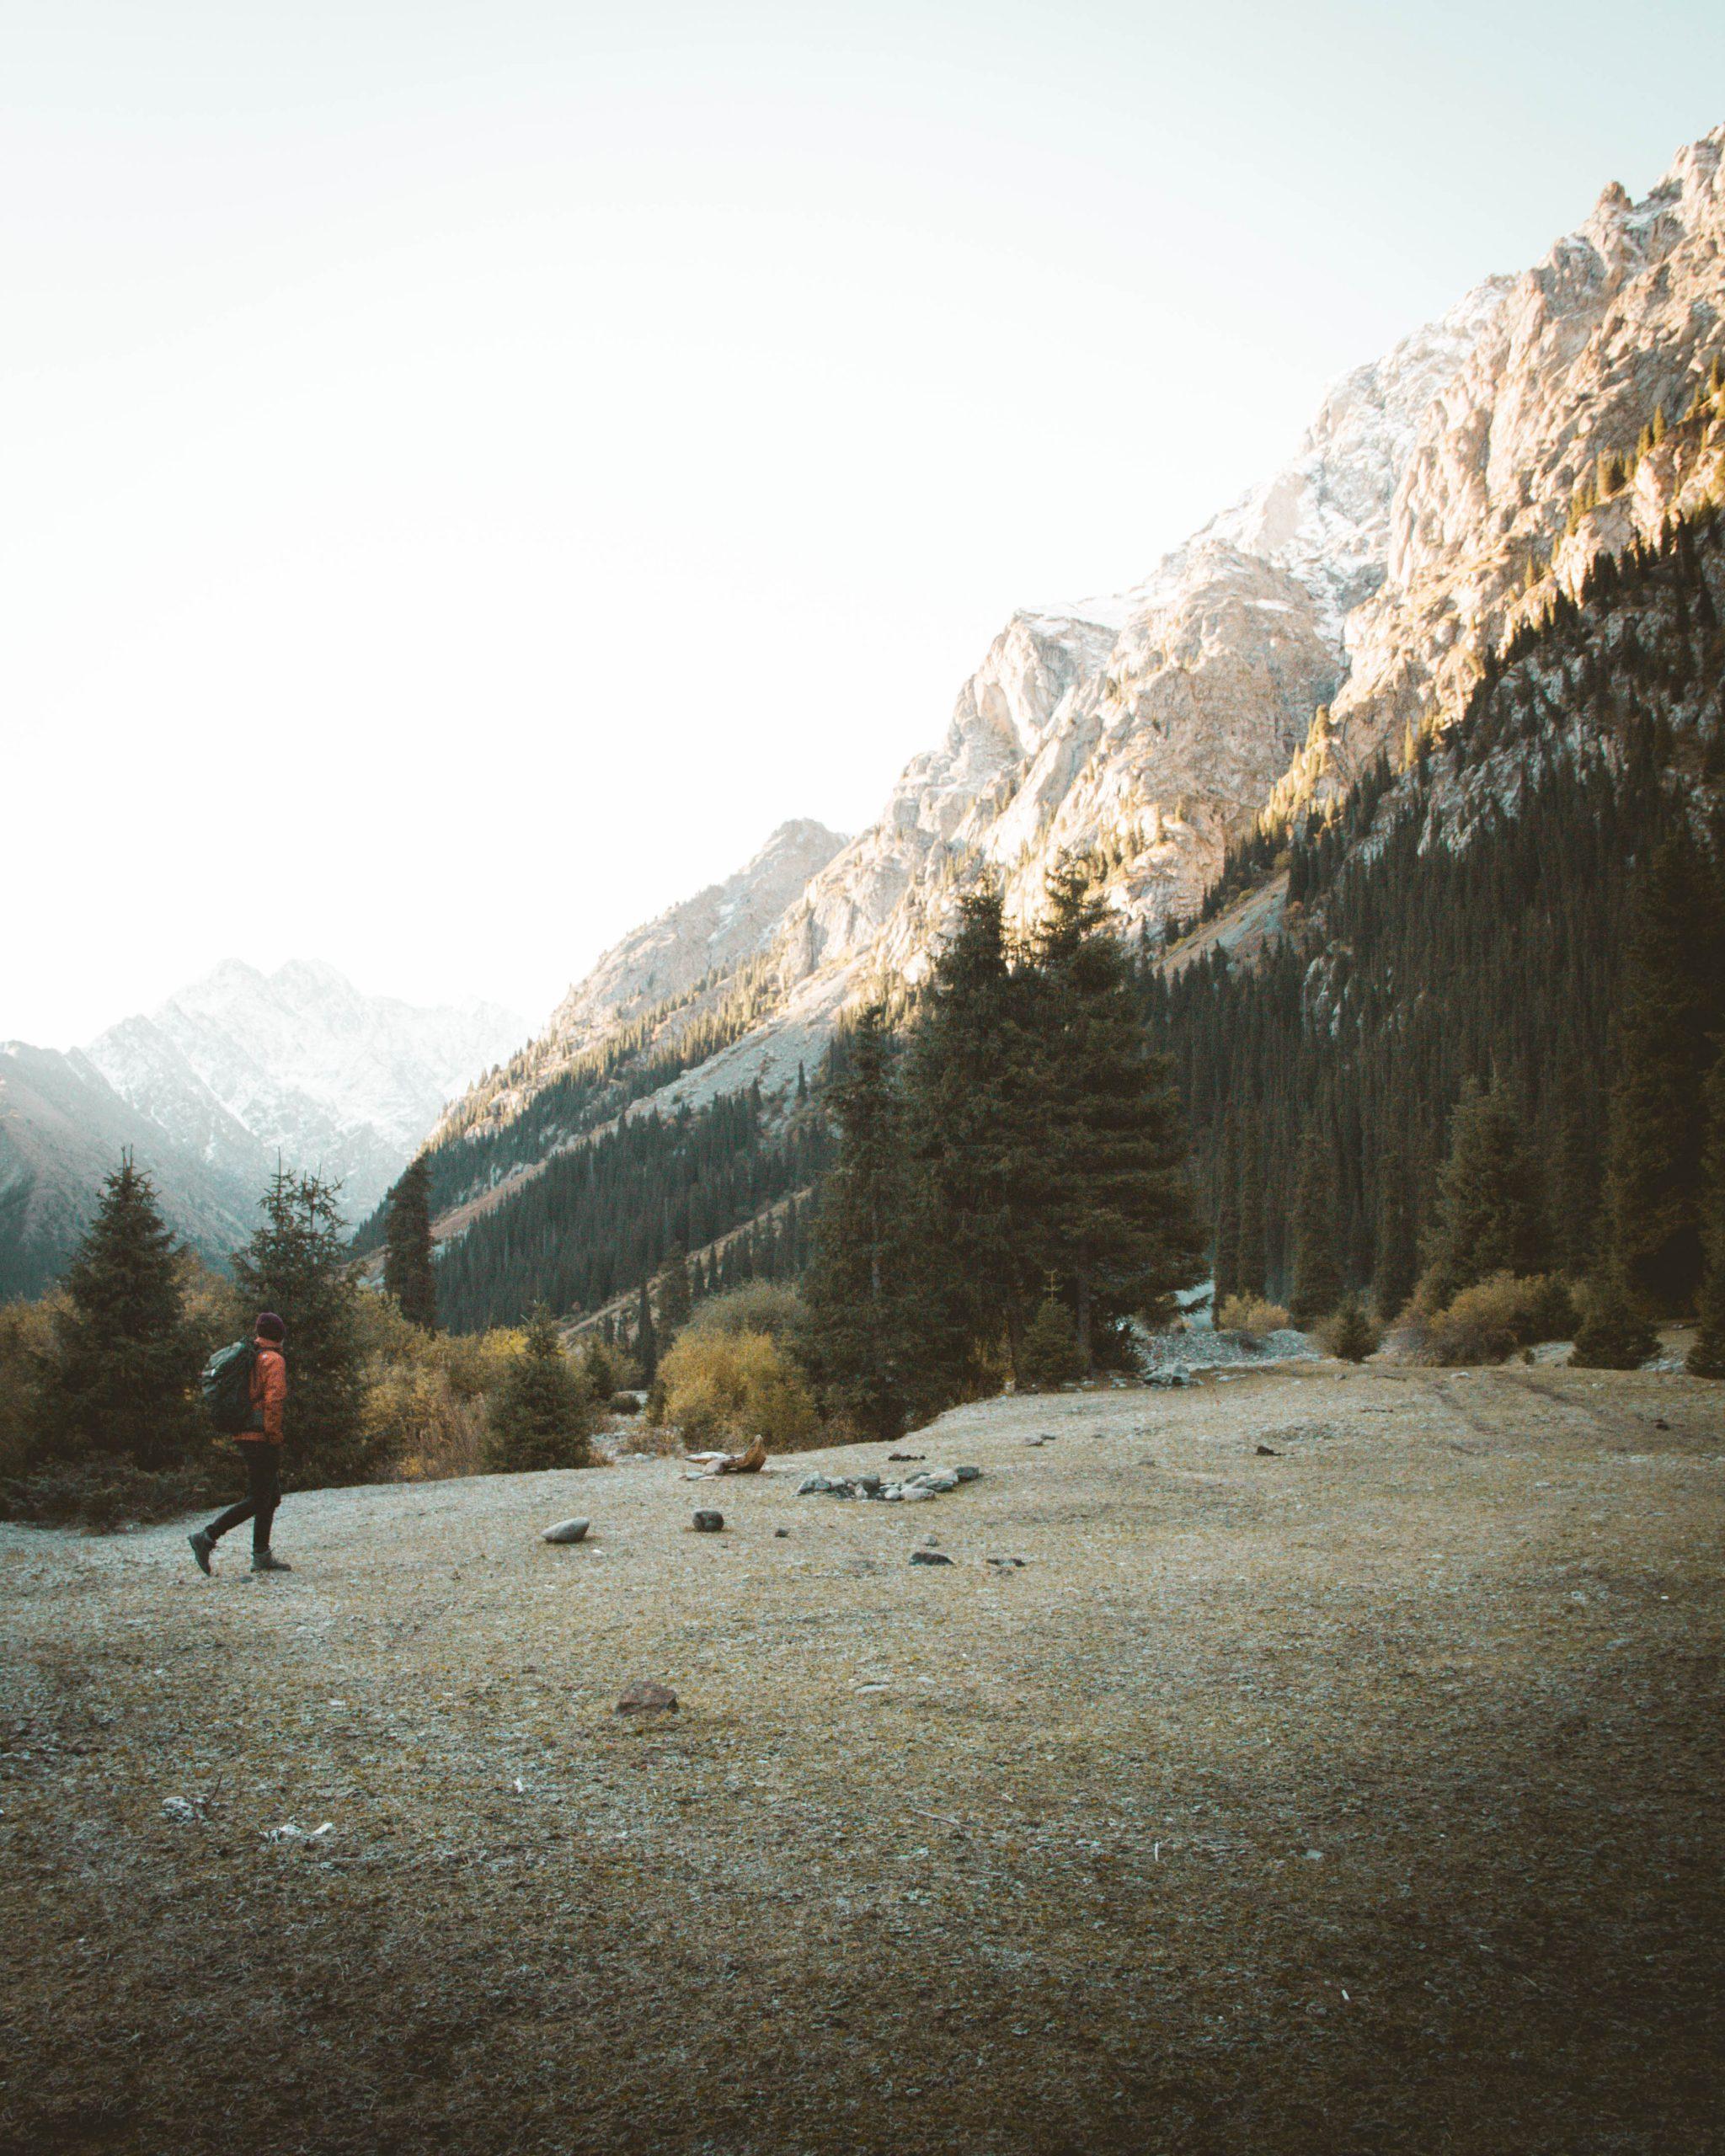 Reiskosten: Wat kost een reis naar Kirgizië & Kazachstan?